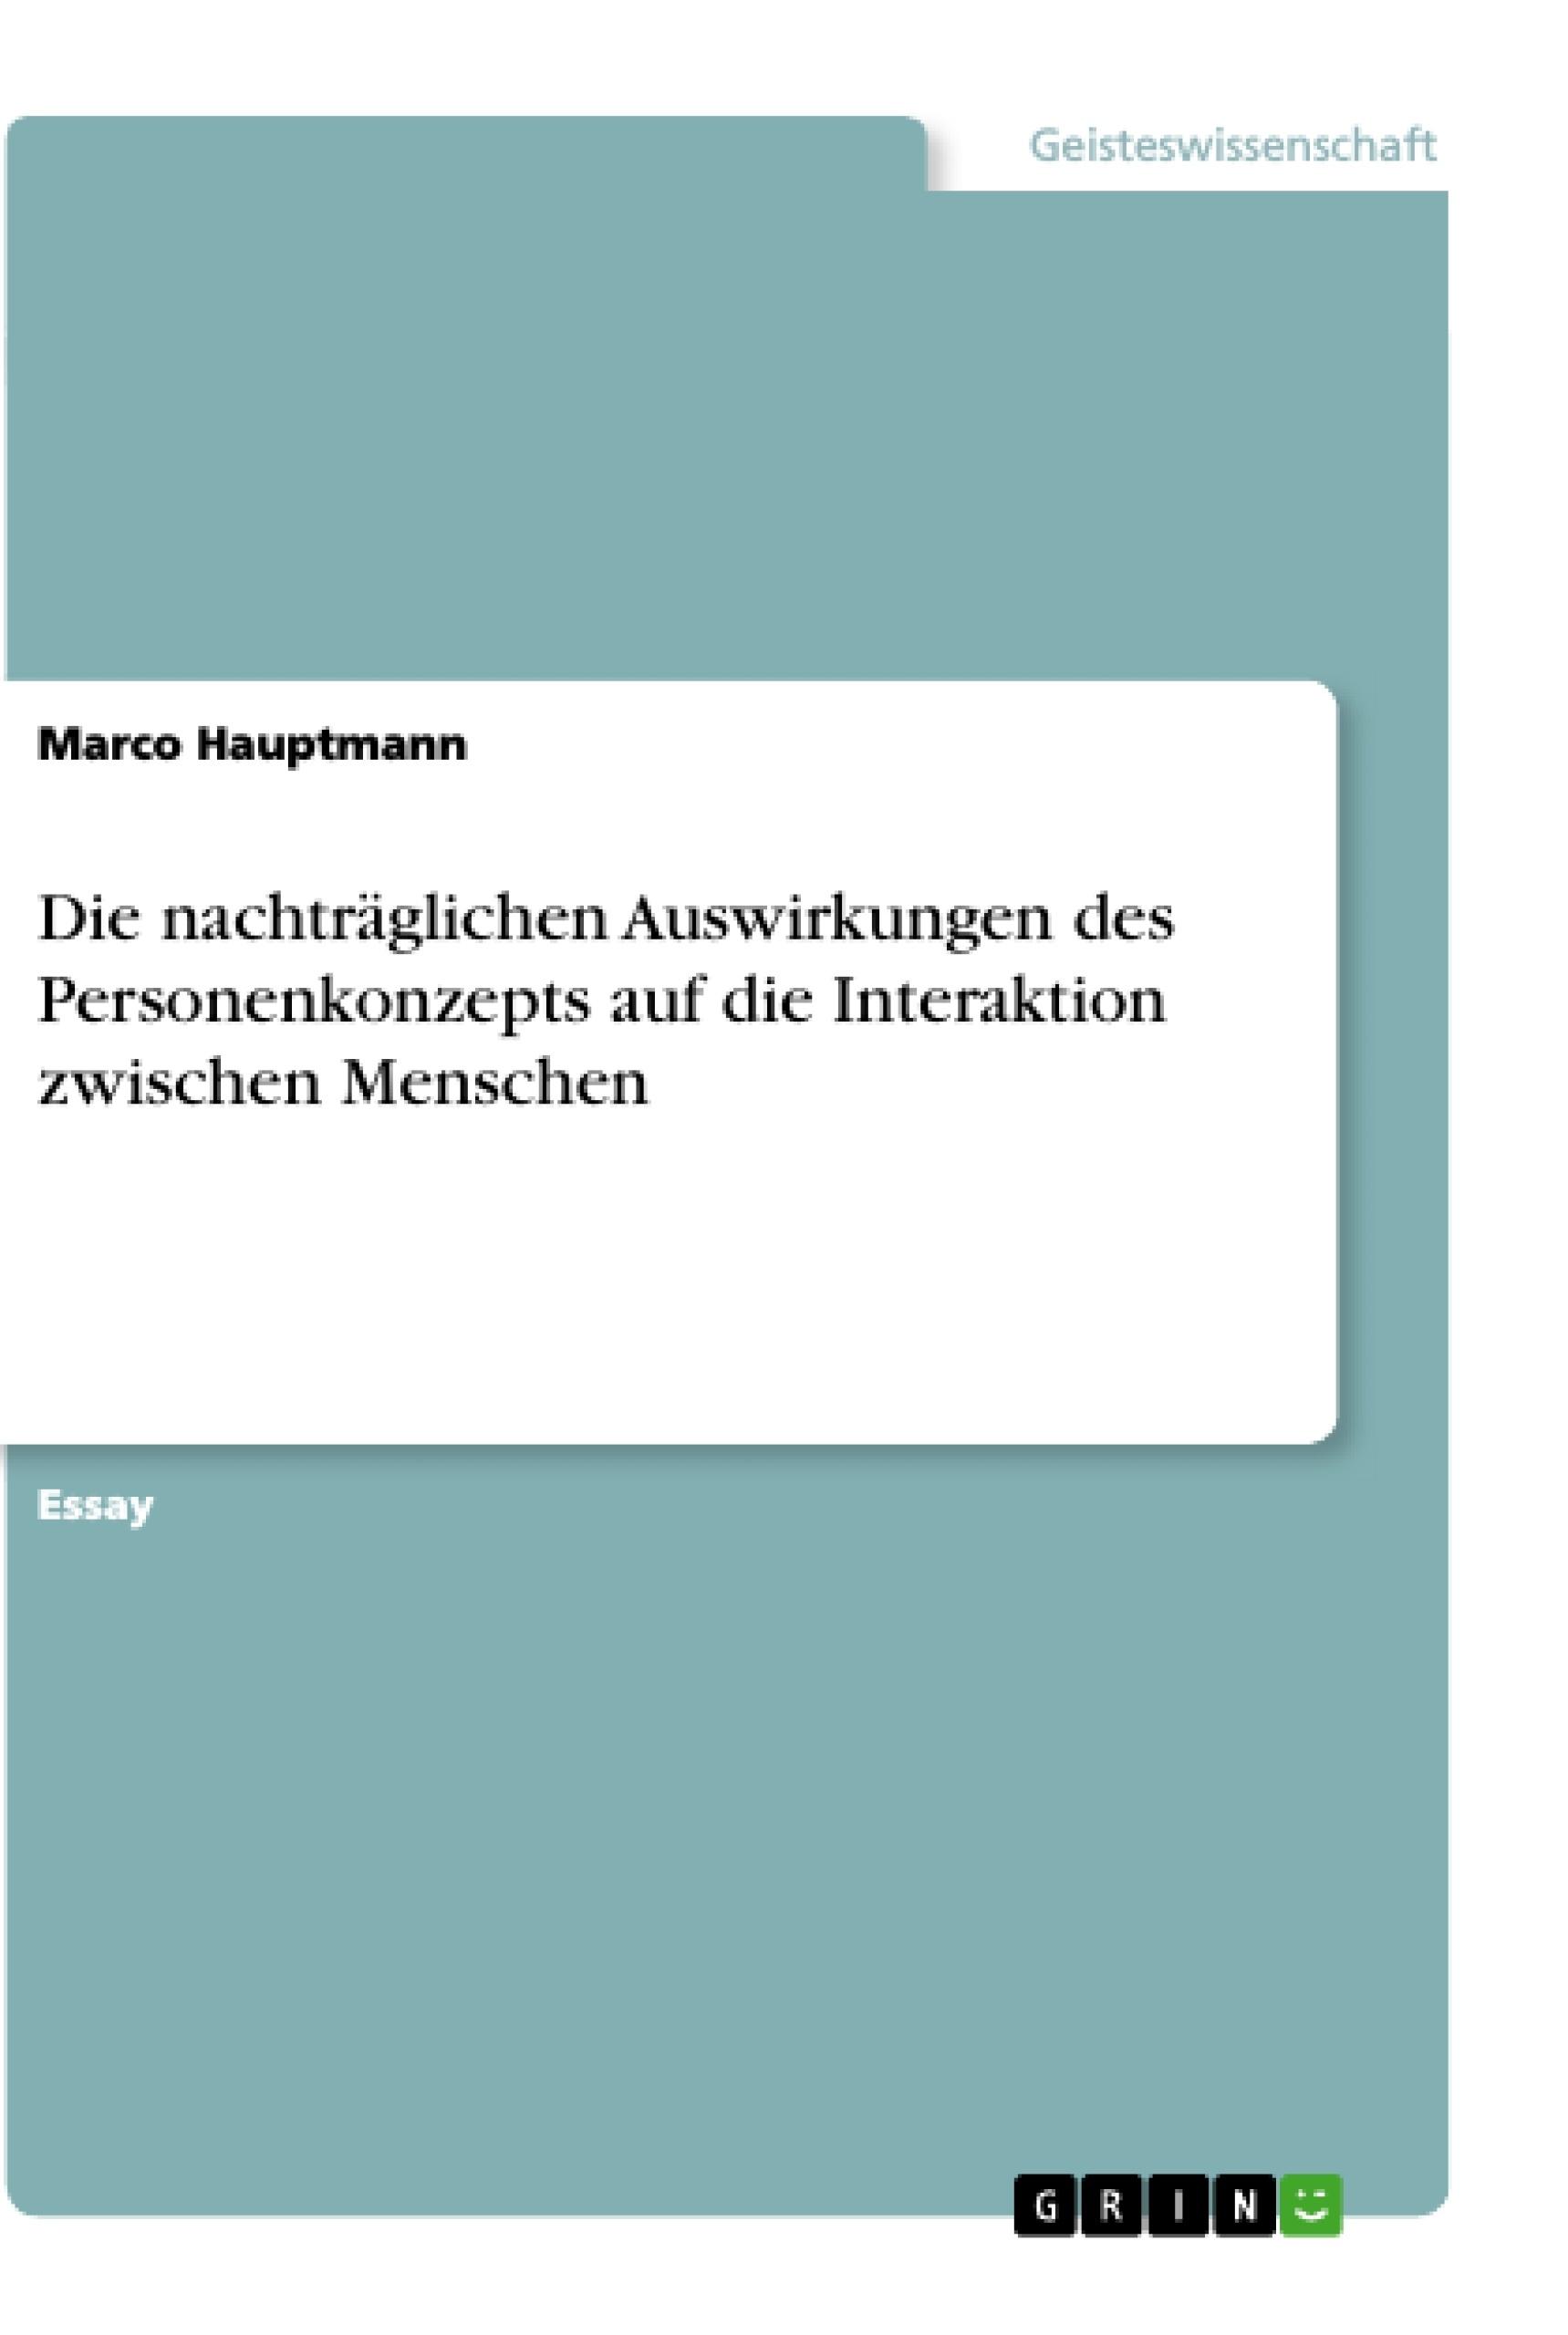 Titel: Die nachträglichen Auswirkungen des Personenkonzepts auf die Interaktion zwischen Menschen